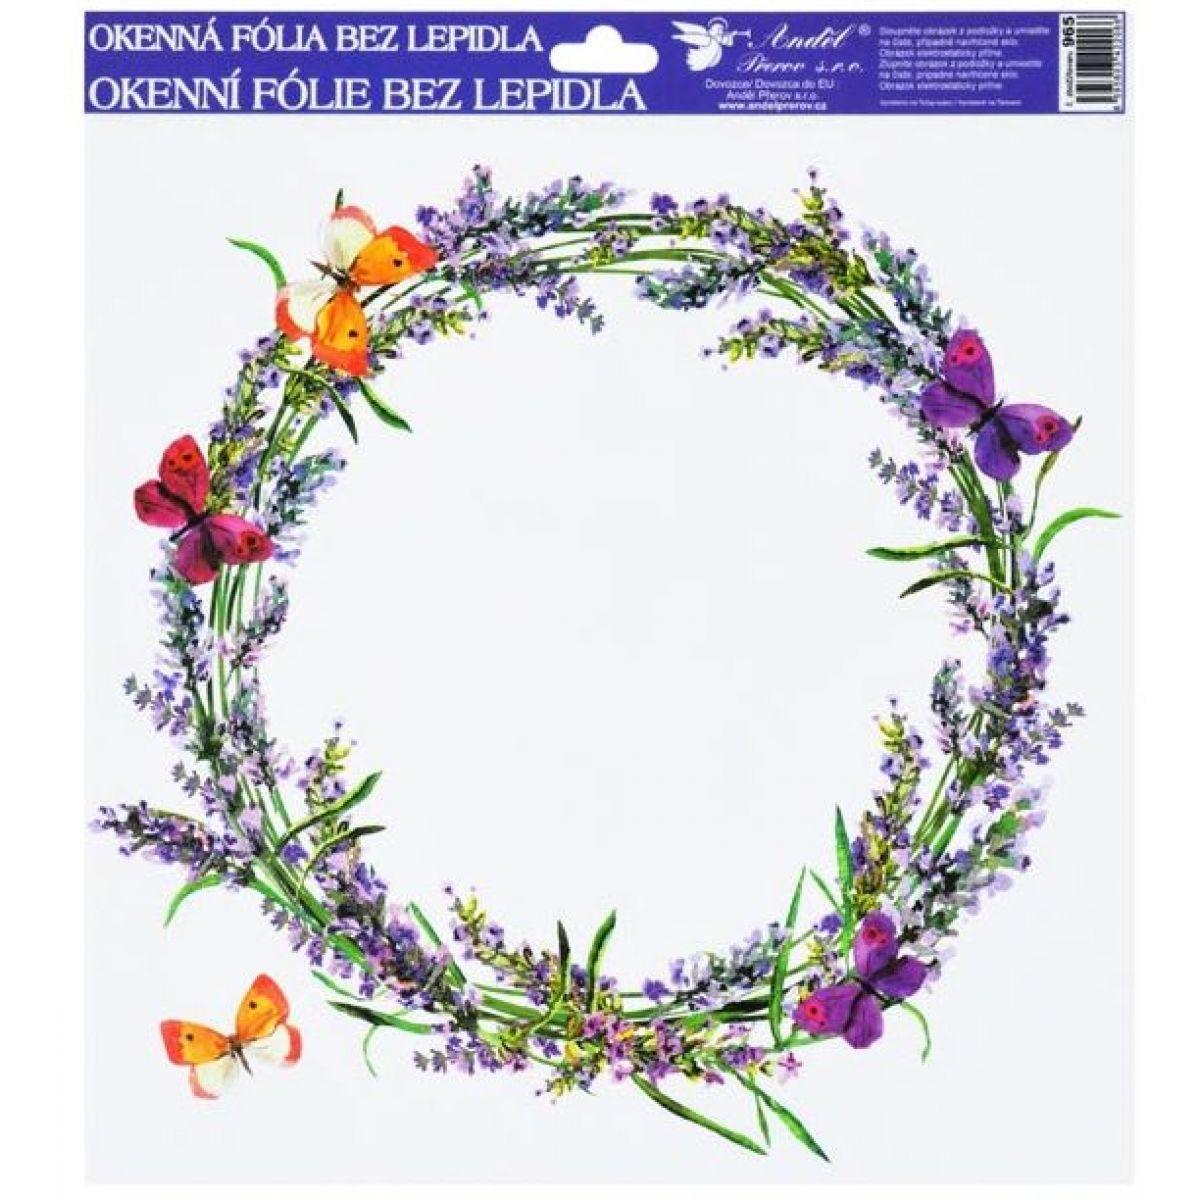 Okenní fólie 30x30 cm, levandule věnec s motýly